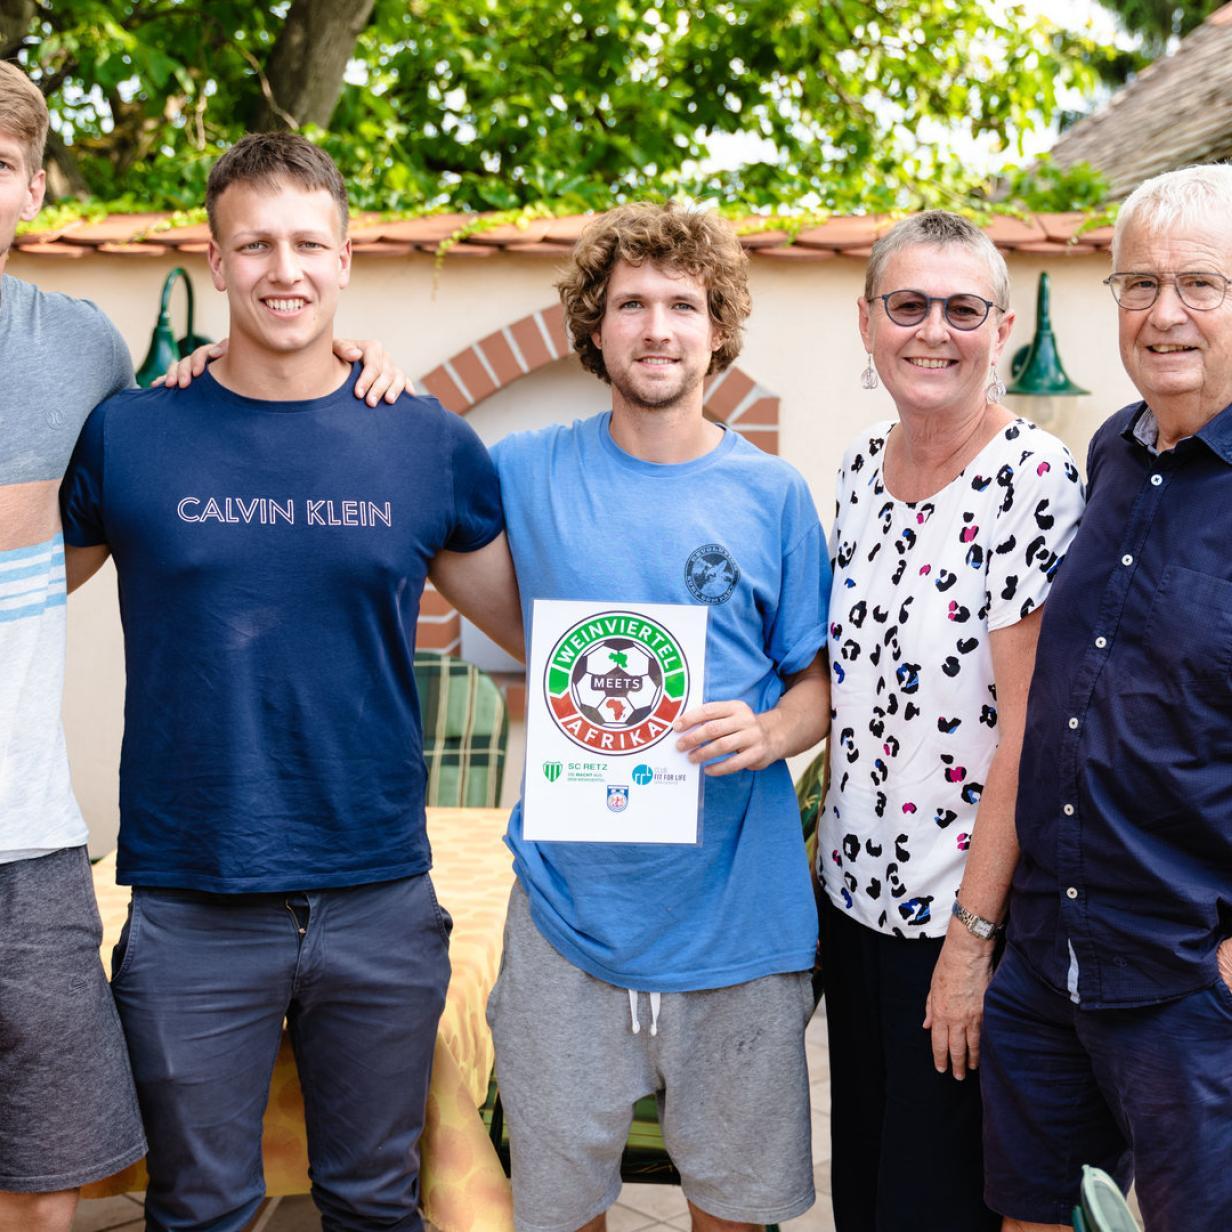 Kostenlose singlebrsen gtzendorf an der leitha Partnersuche ab